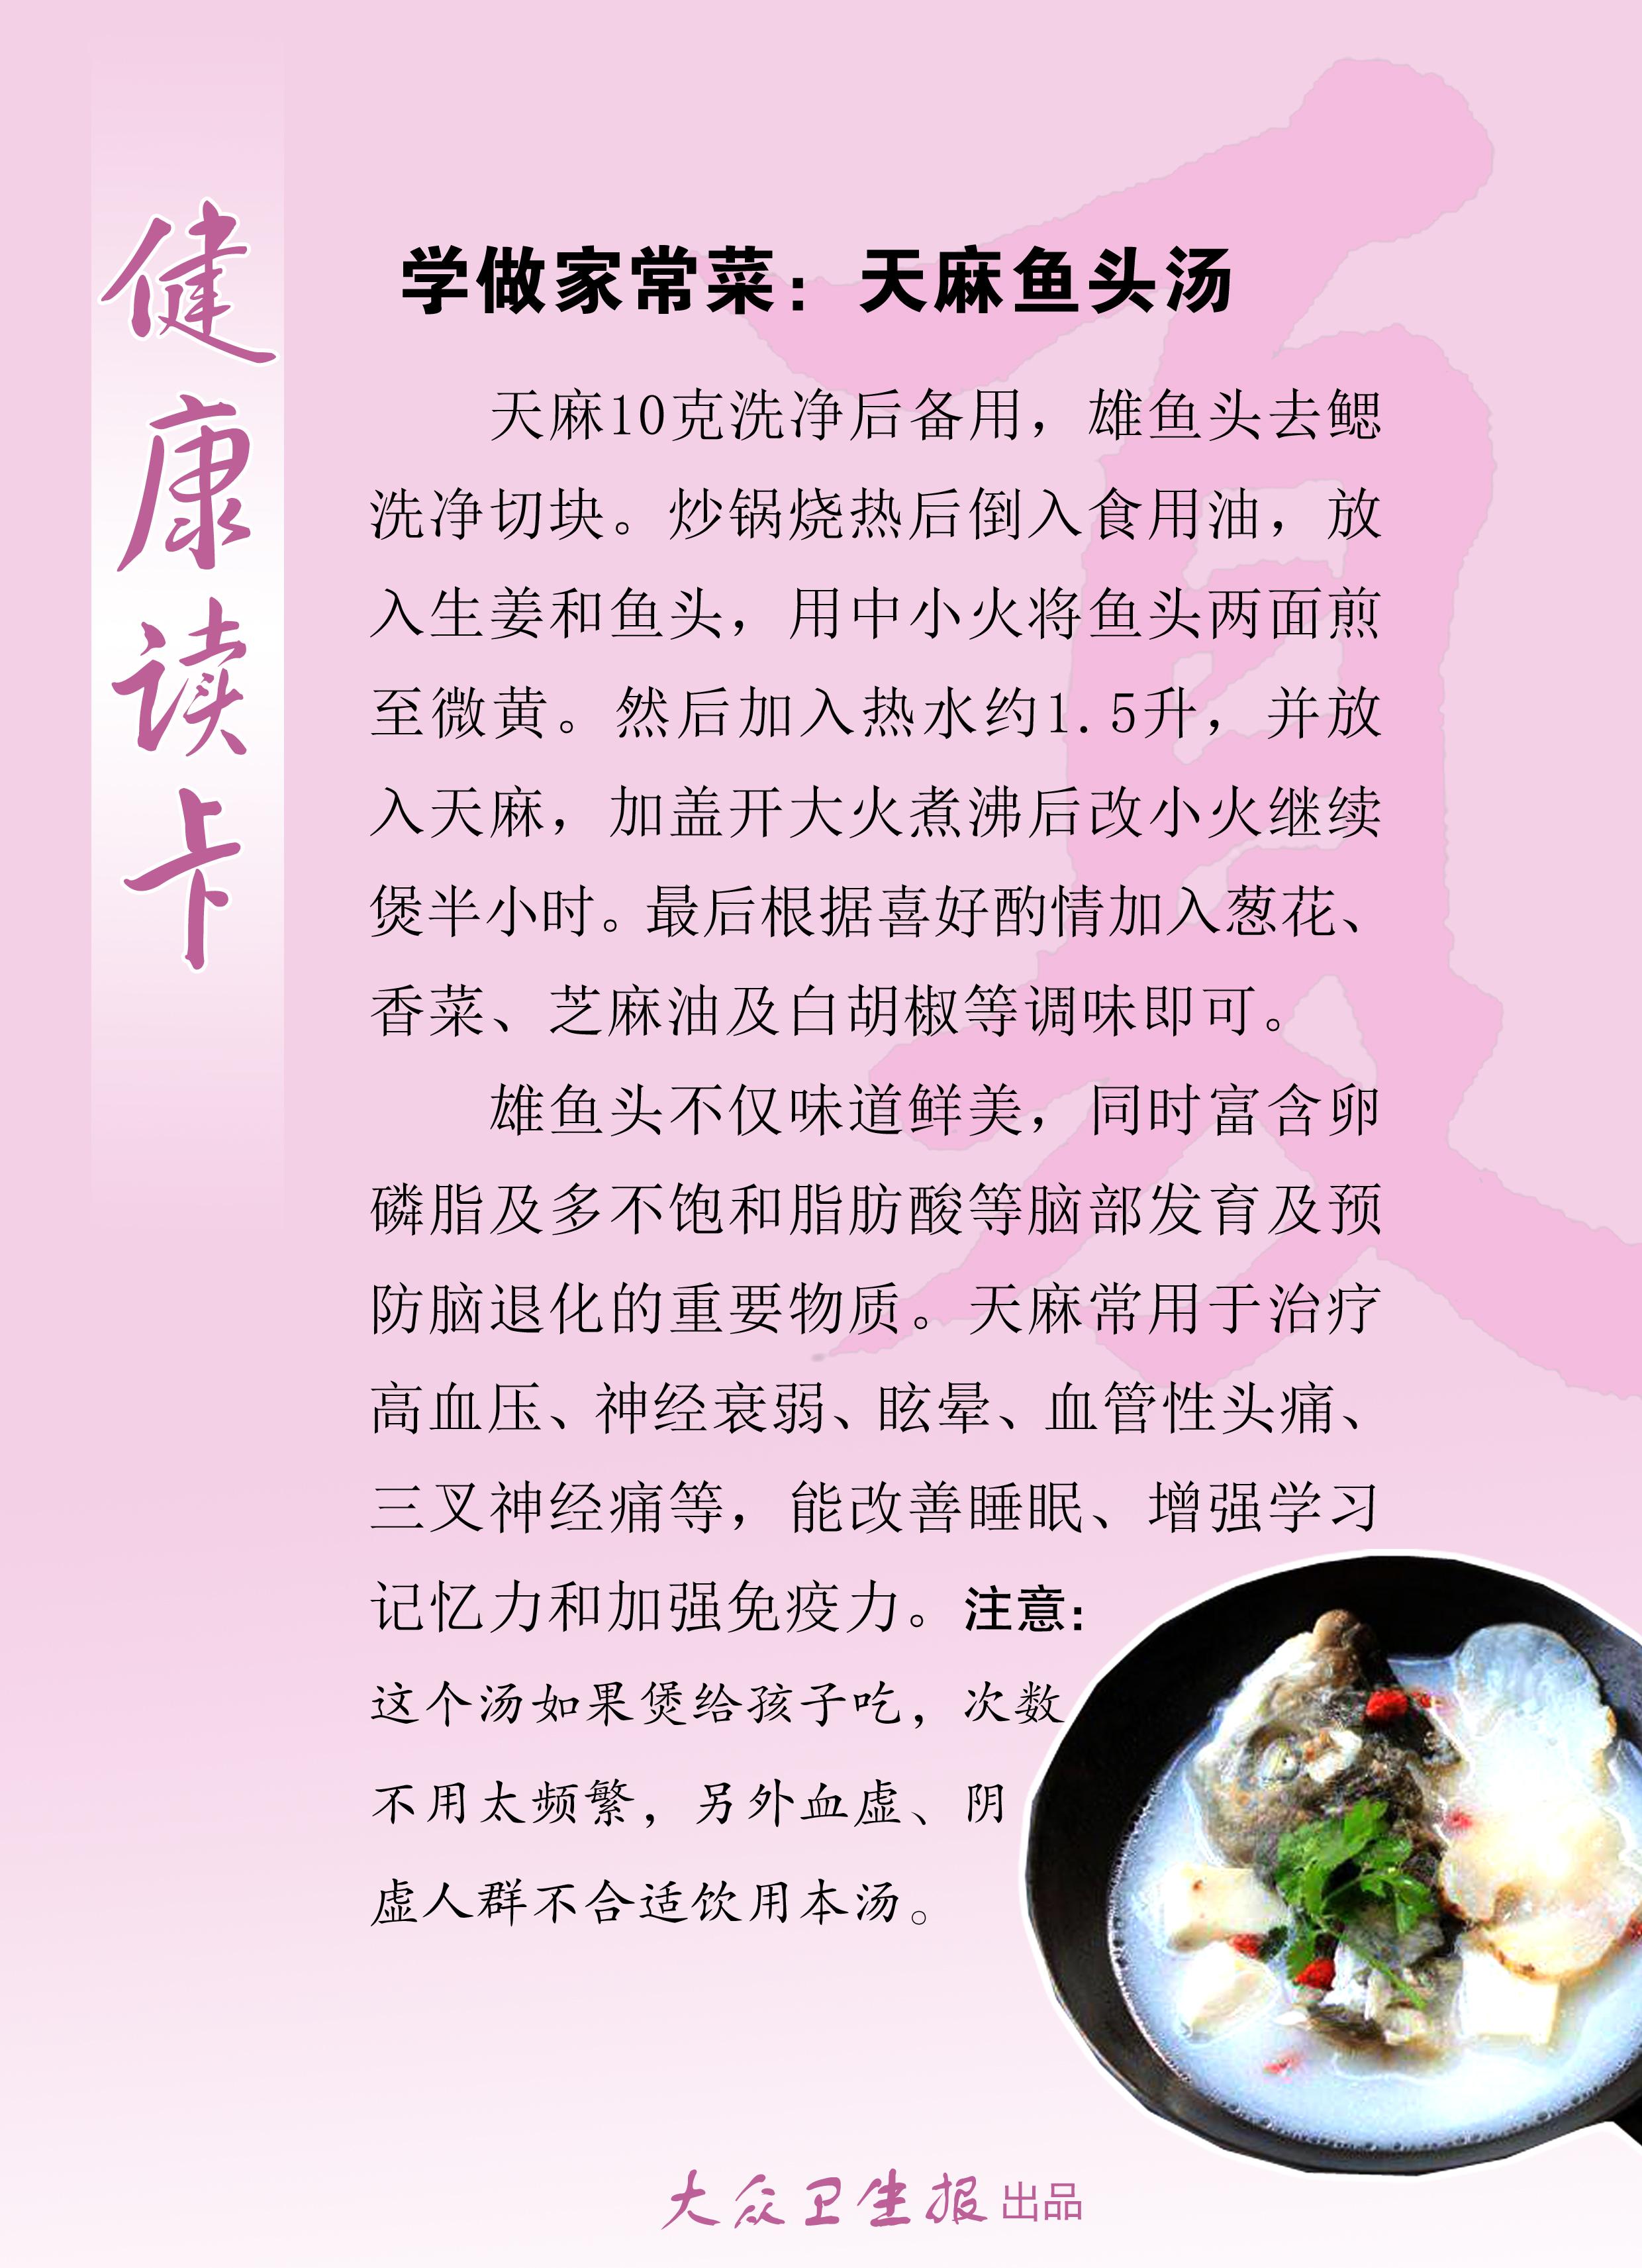 【健康读卡(189)】学做家常菜:天麻鱼头汤